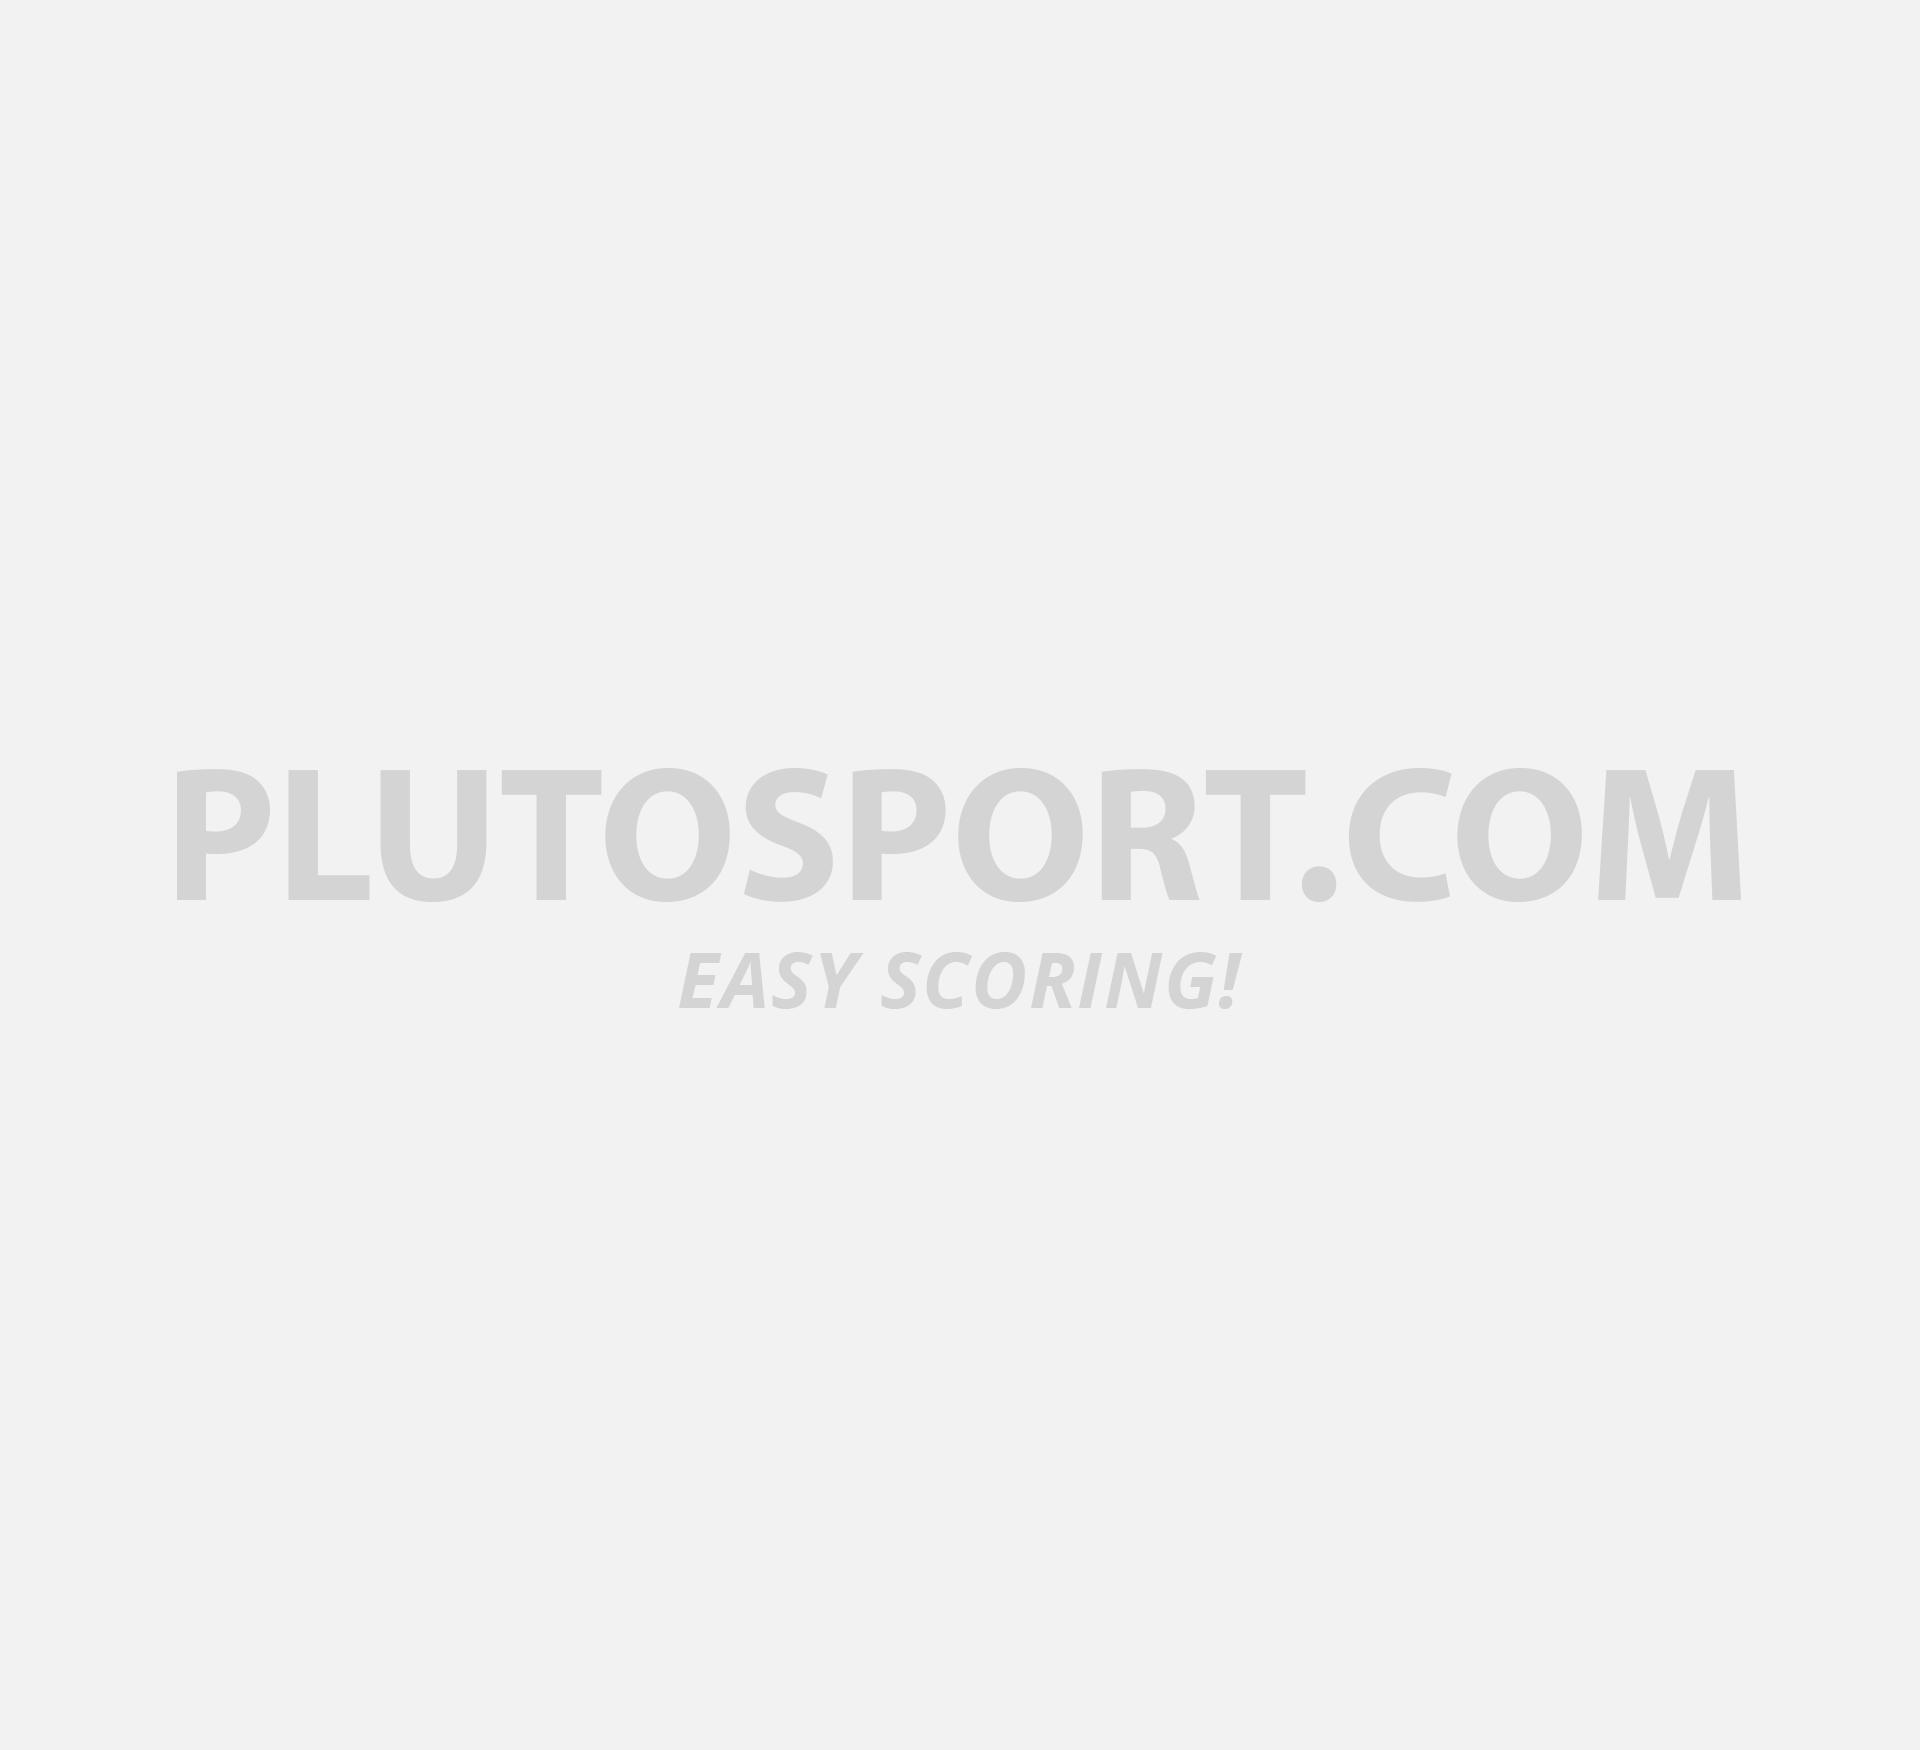 Útil Sano bañera  Skechers Retros-OG 85 - Goldn Gurl - Low - Sneakers - Shoes - Lifestyle -  Sports | Plutosport